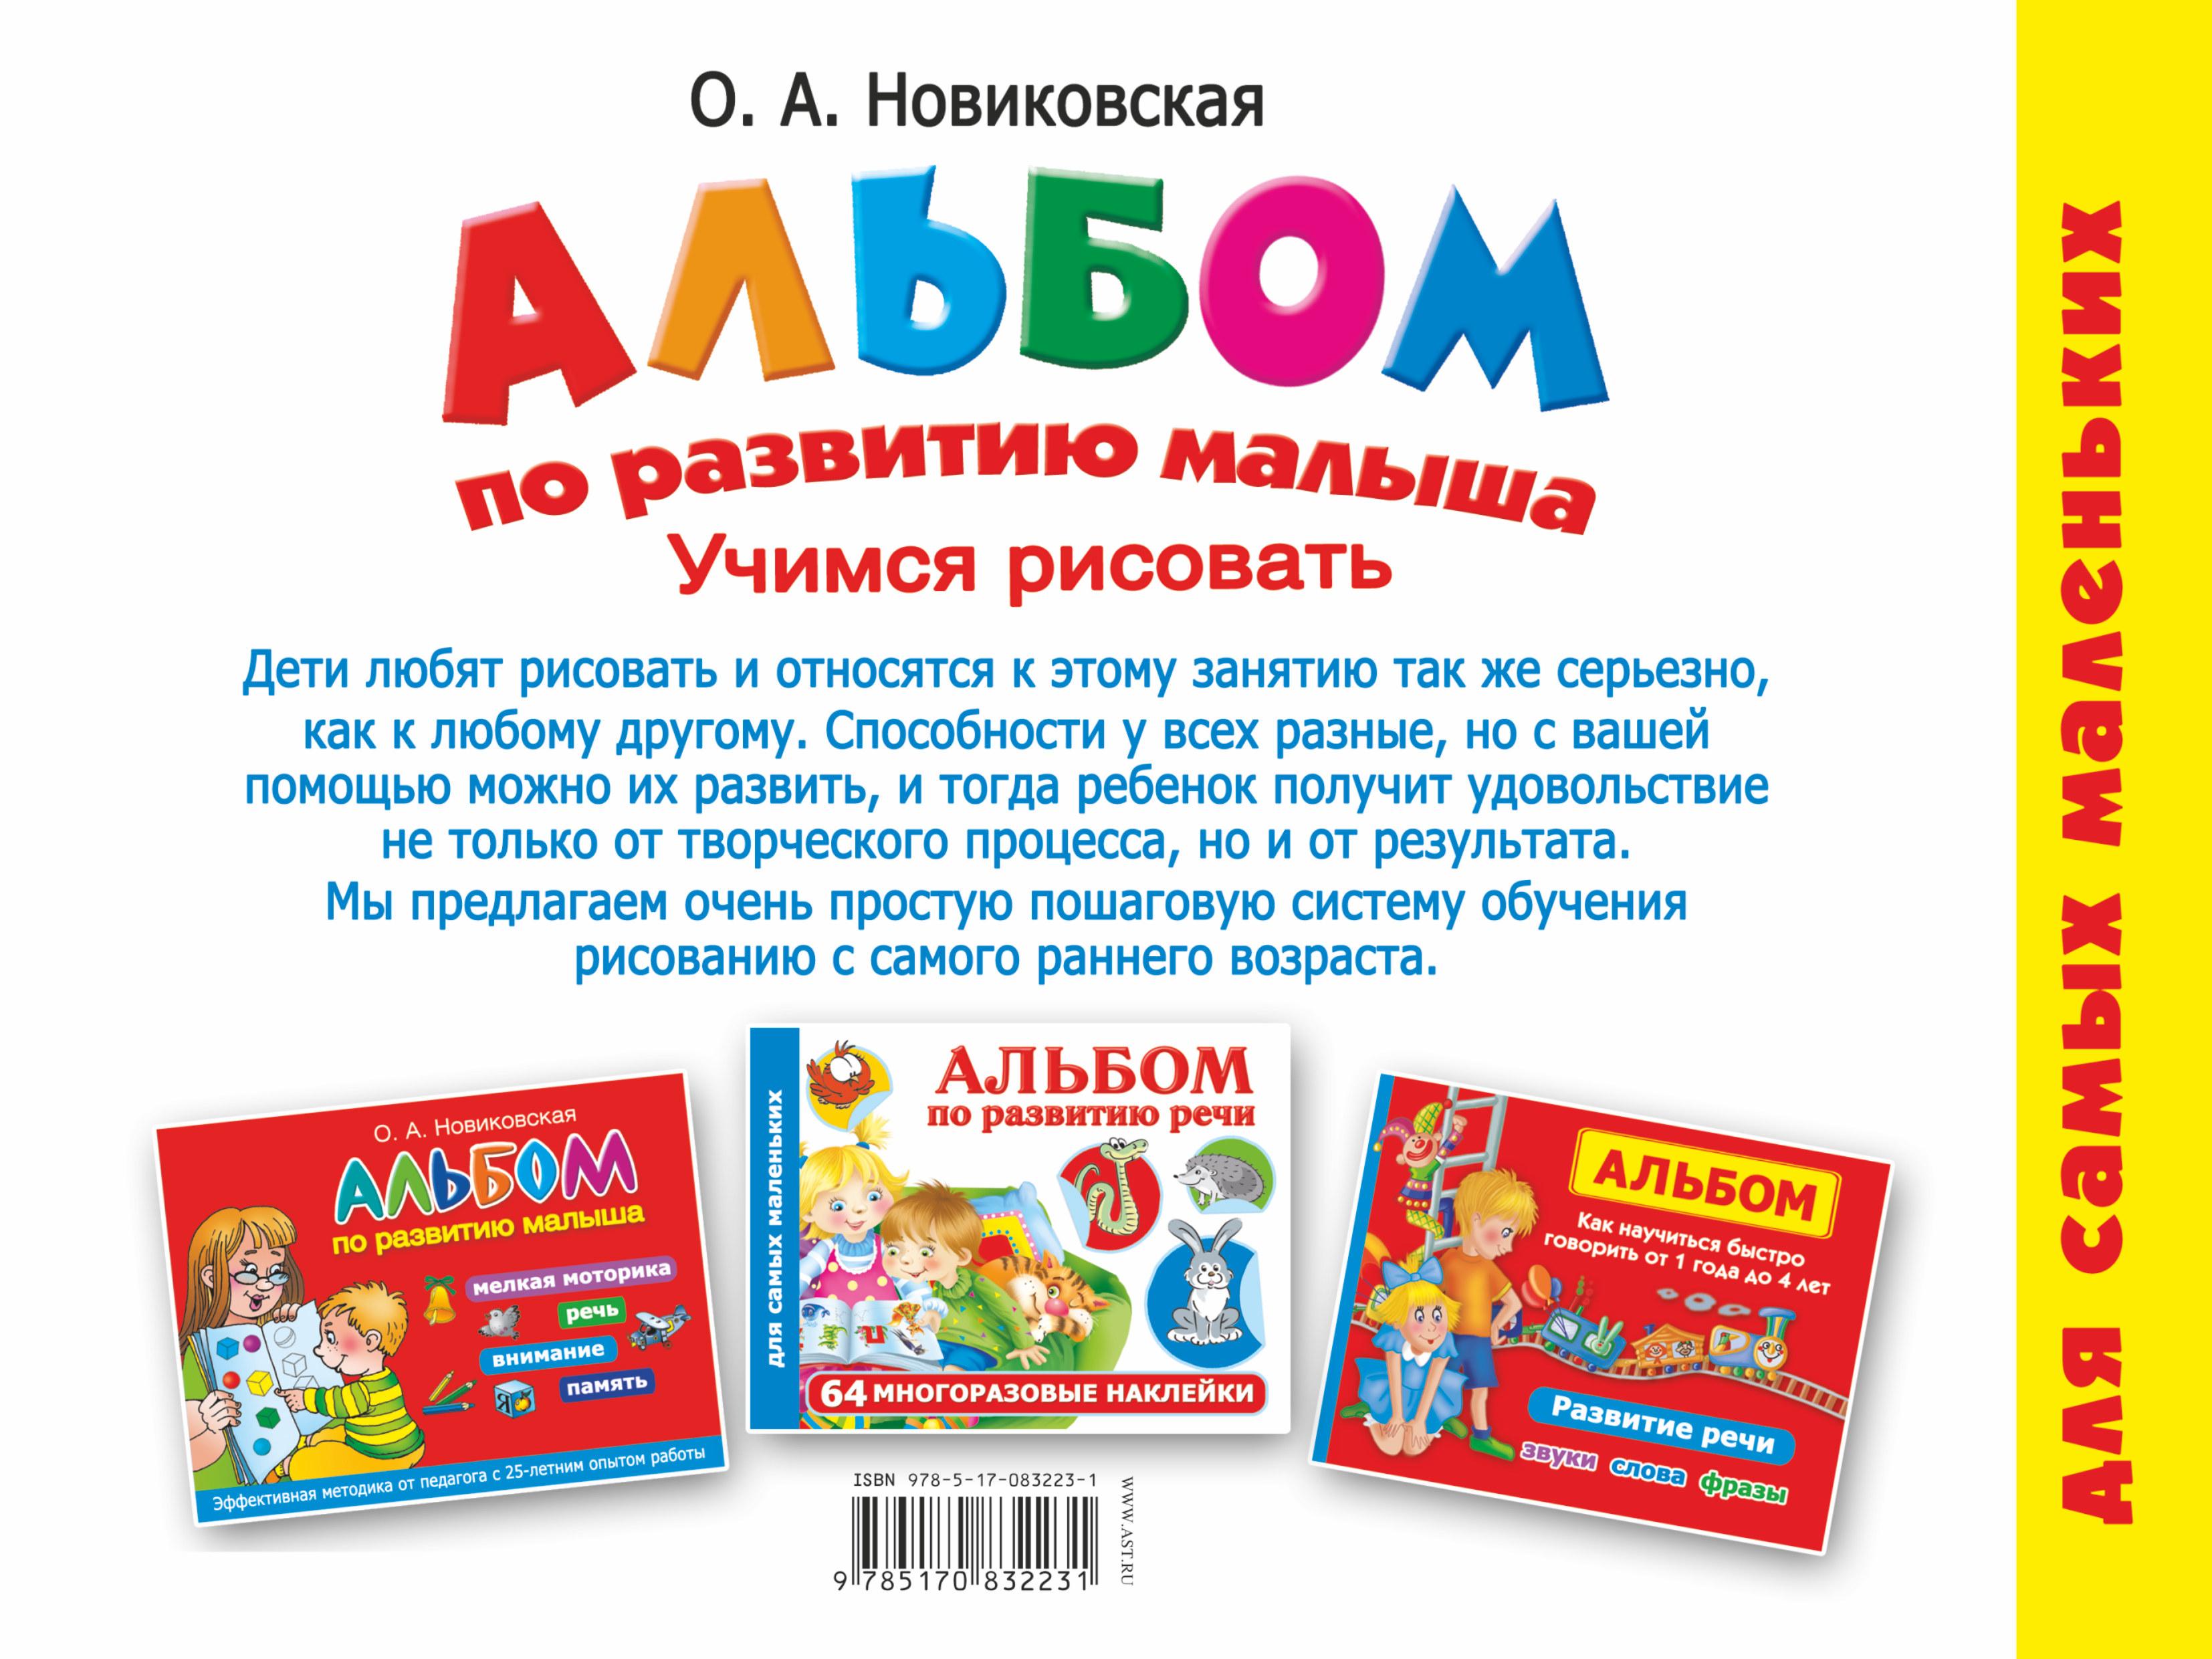 Источник: Новиковская О.А., Альбом по развитию малыша. Учимся рисовать